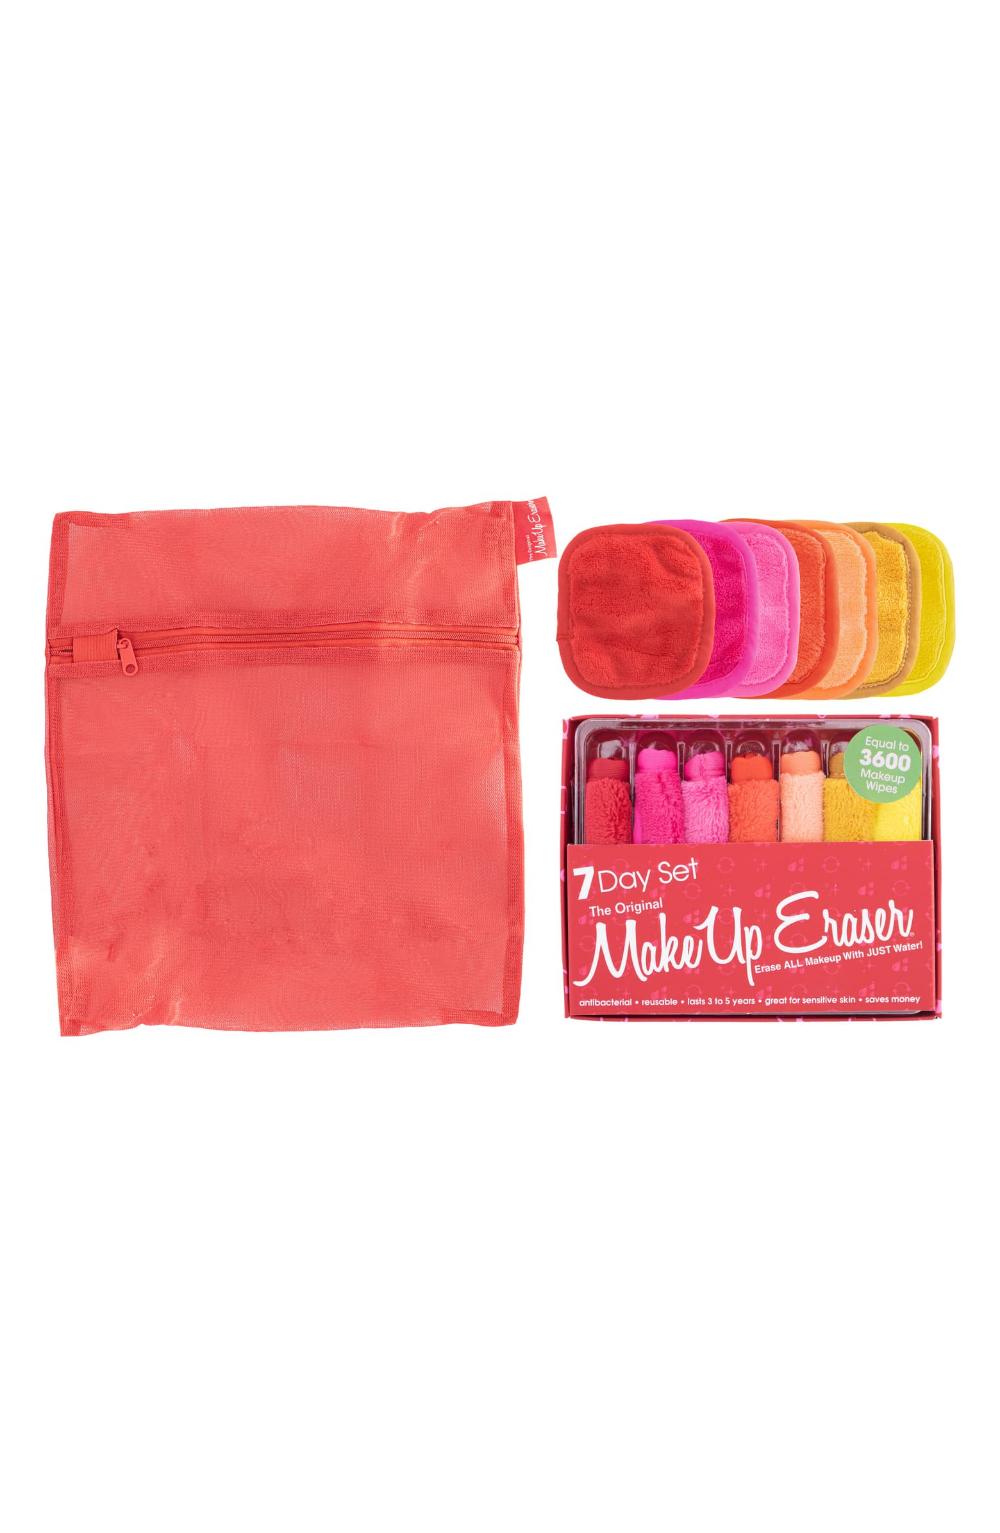 Makeup Eraser The Original Makeup Eraser Mini 7Day Set